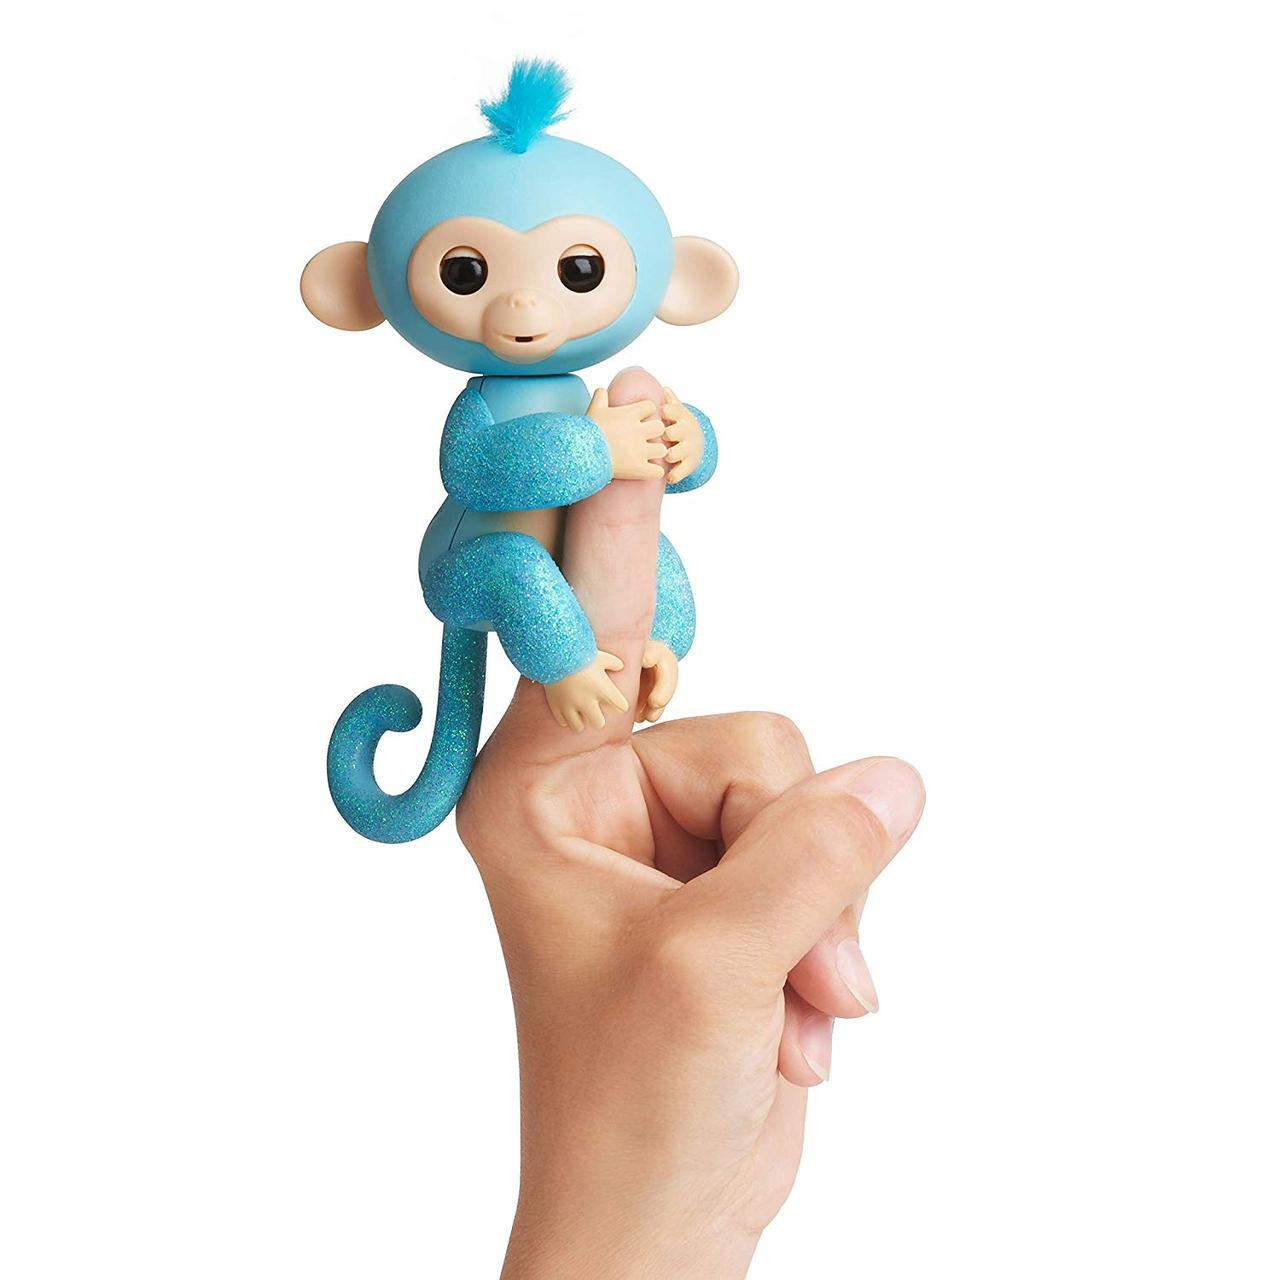 Интерактивная гламурная ручная обезьянка WowWee Fingerlings голубая